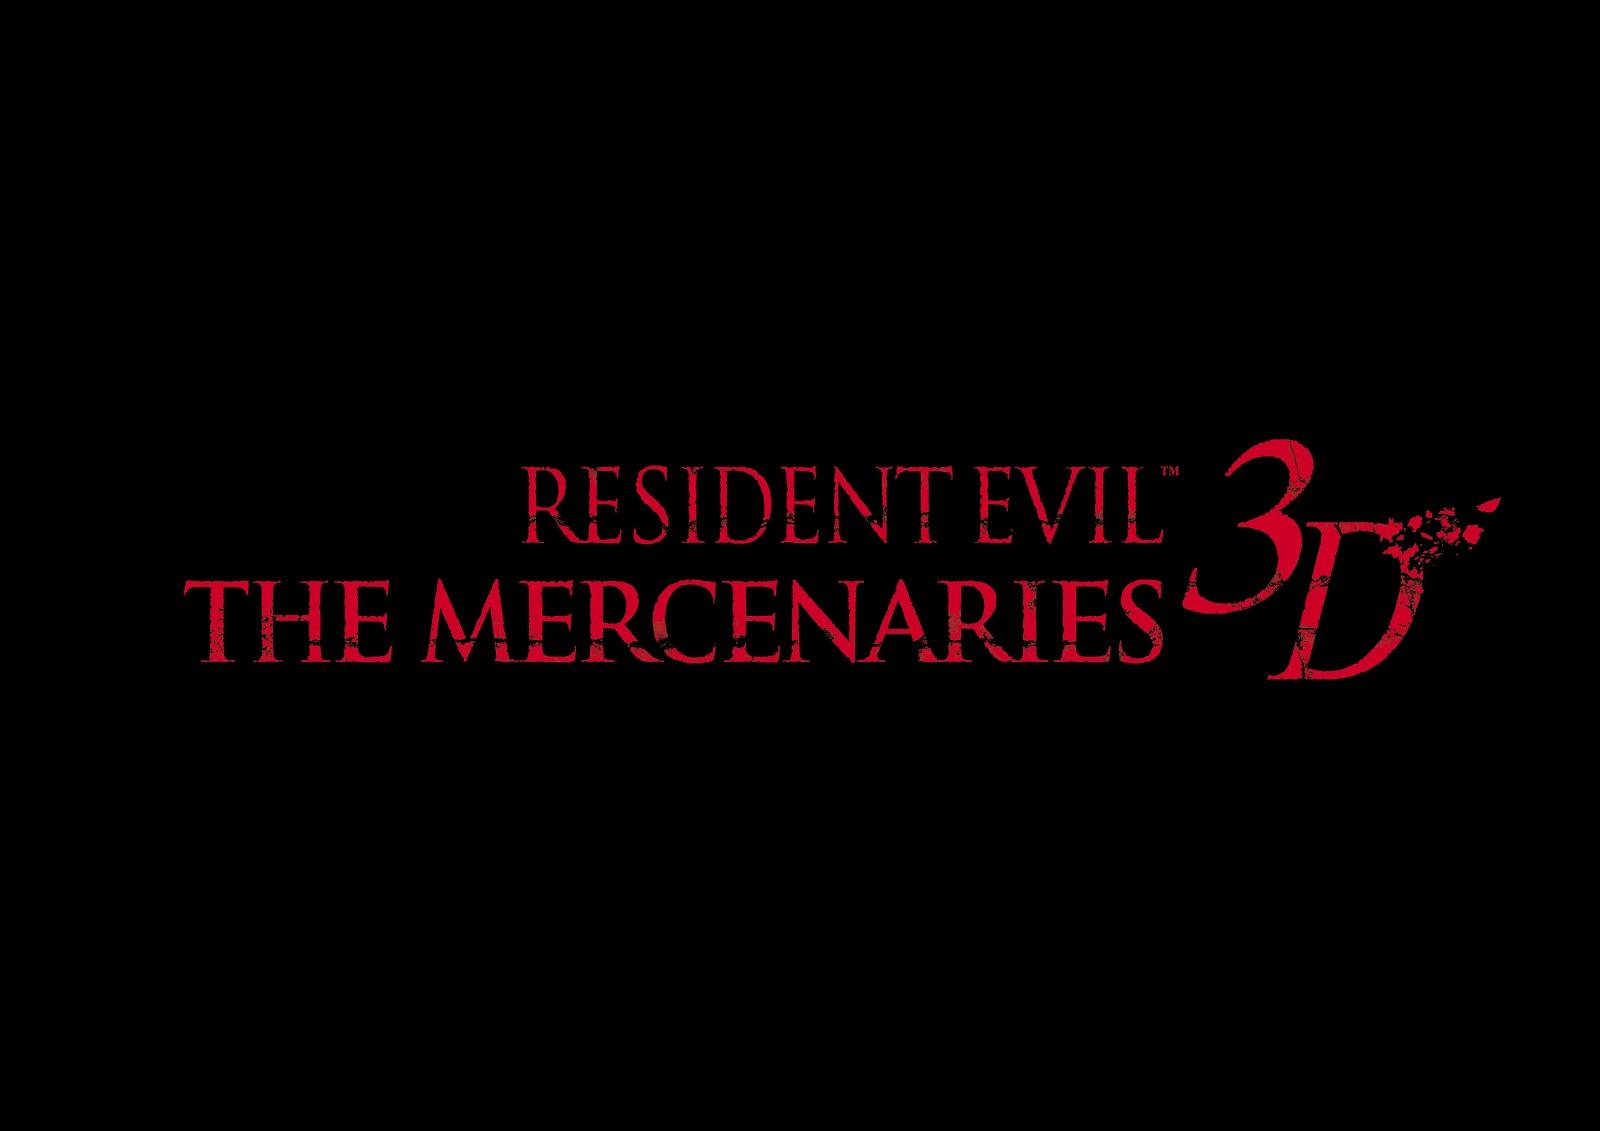 Resident Evil: The Mercenaries 3D Potrebbe Uscire un Mese Prima del Previsto